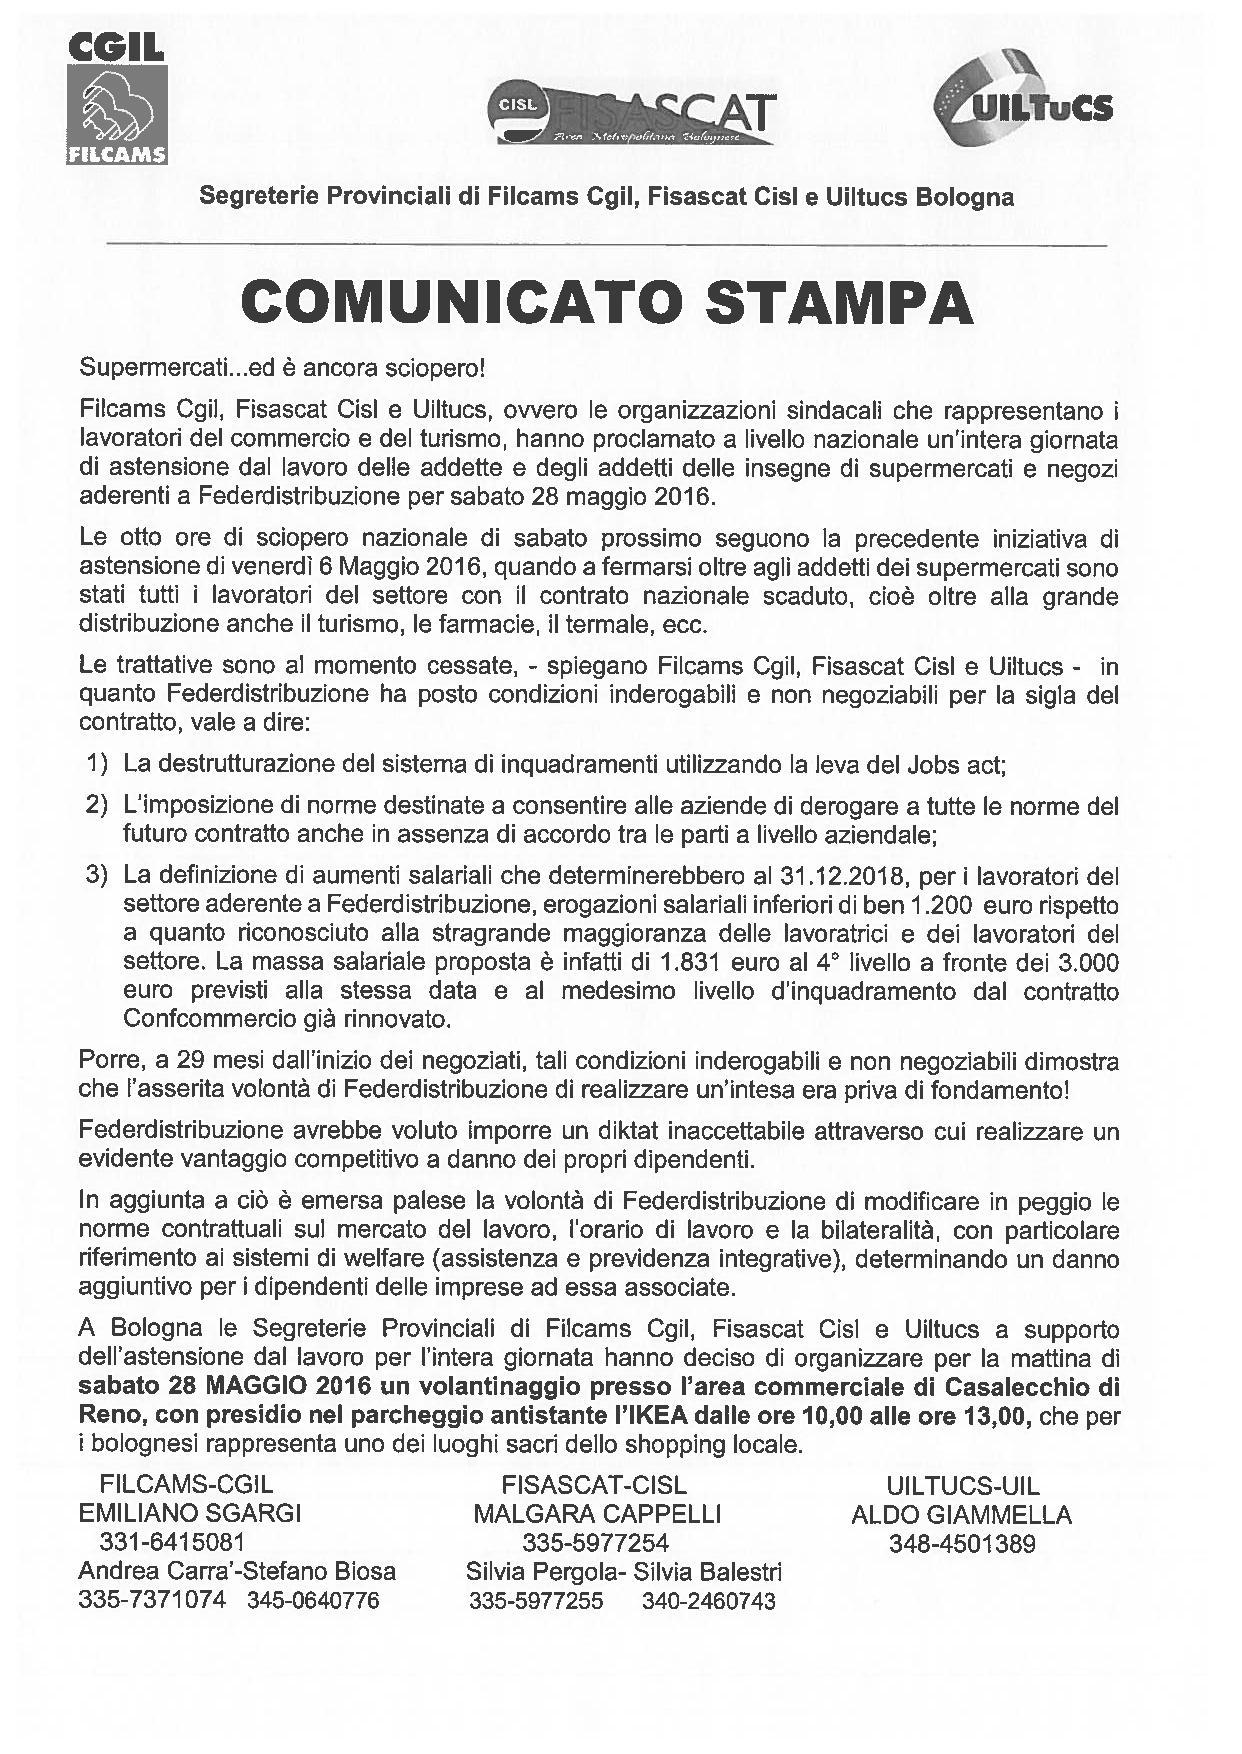 Comunicato stampa sciopero federdistribuzione 28 maggio 2016